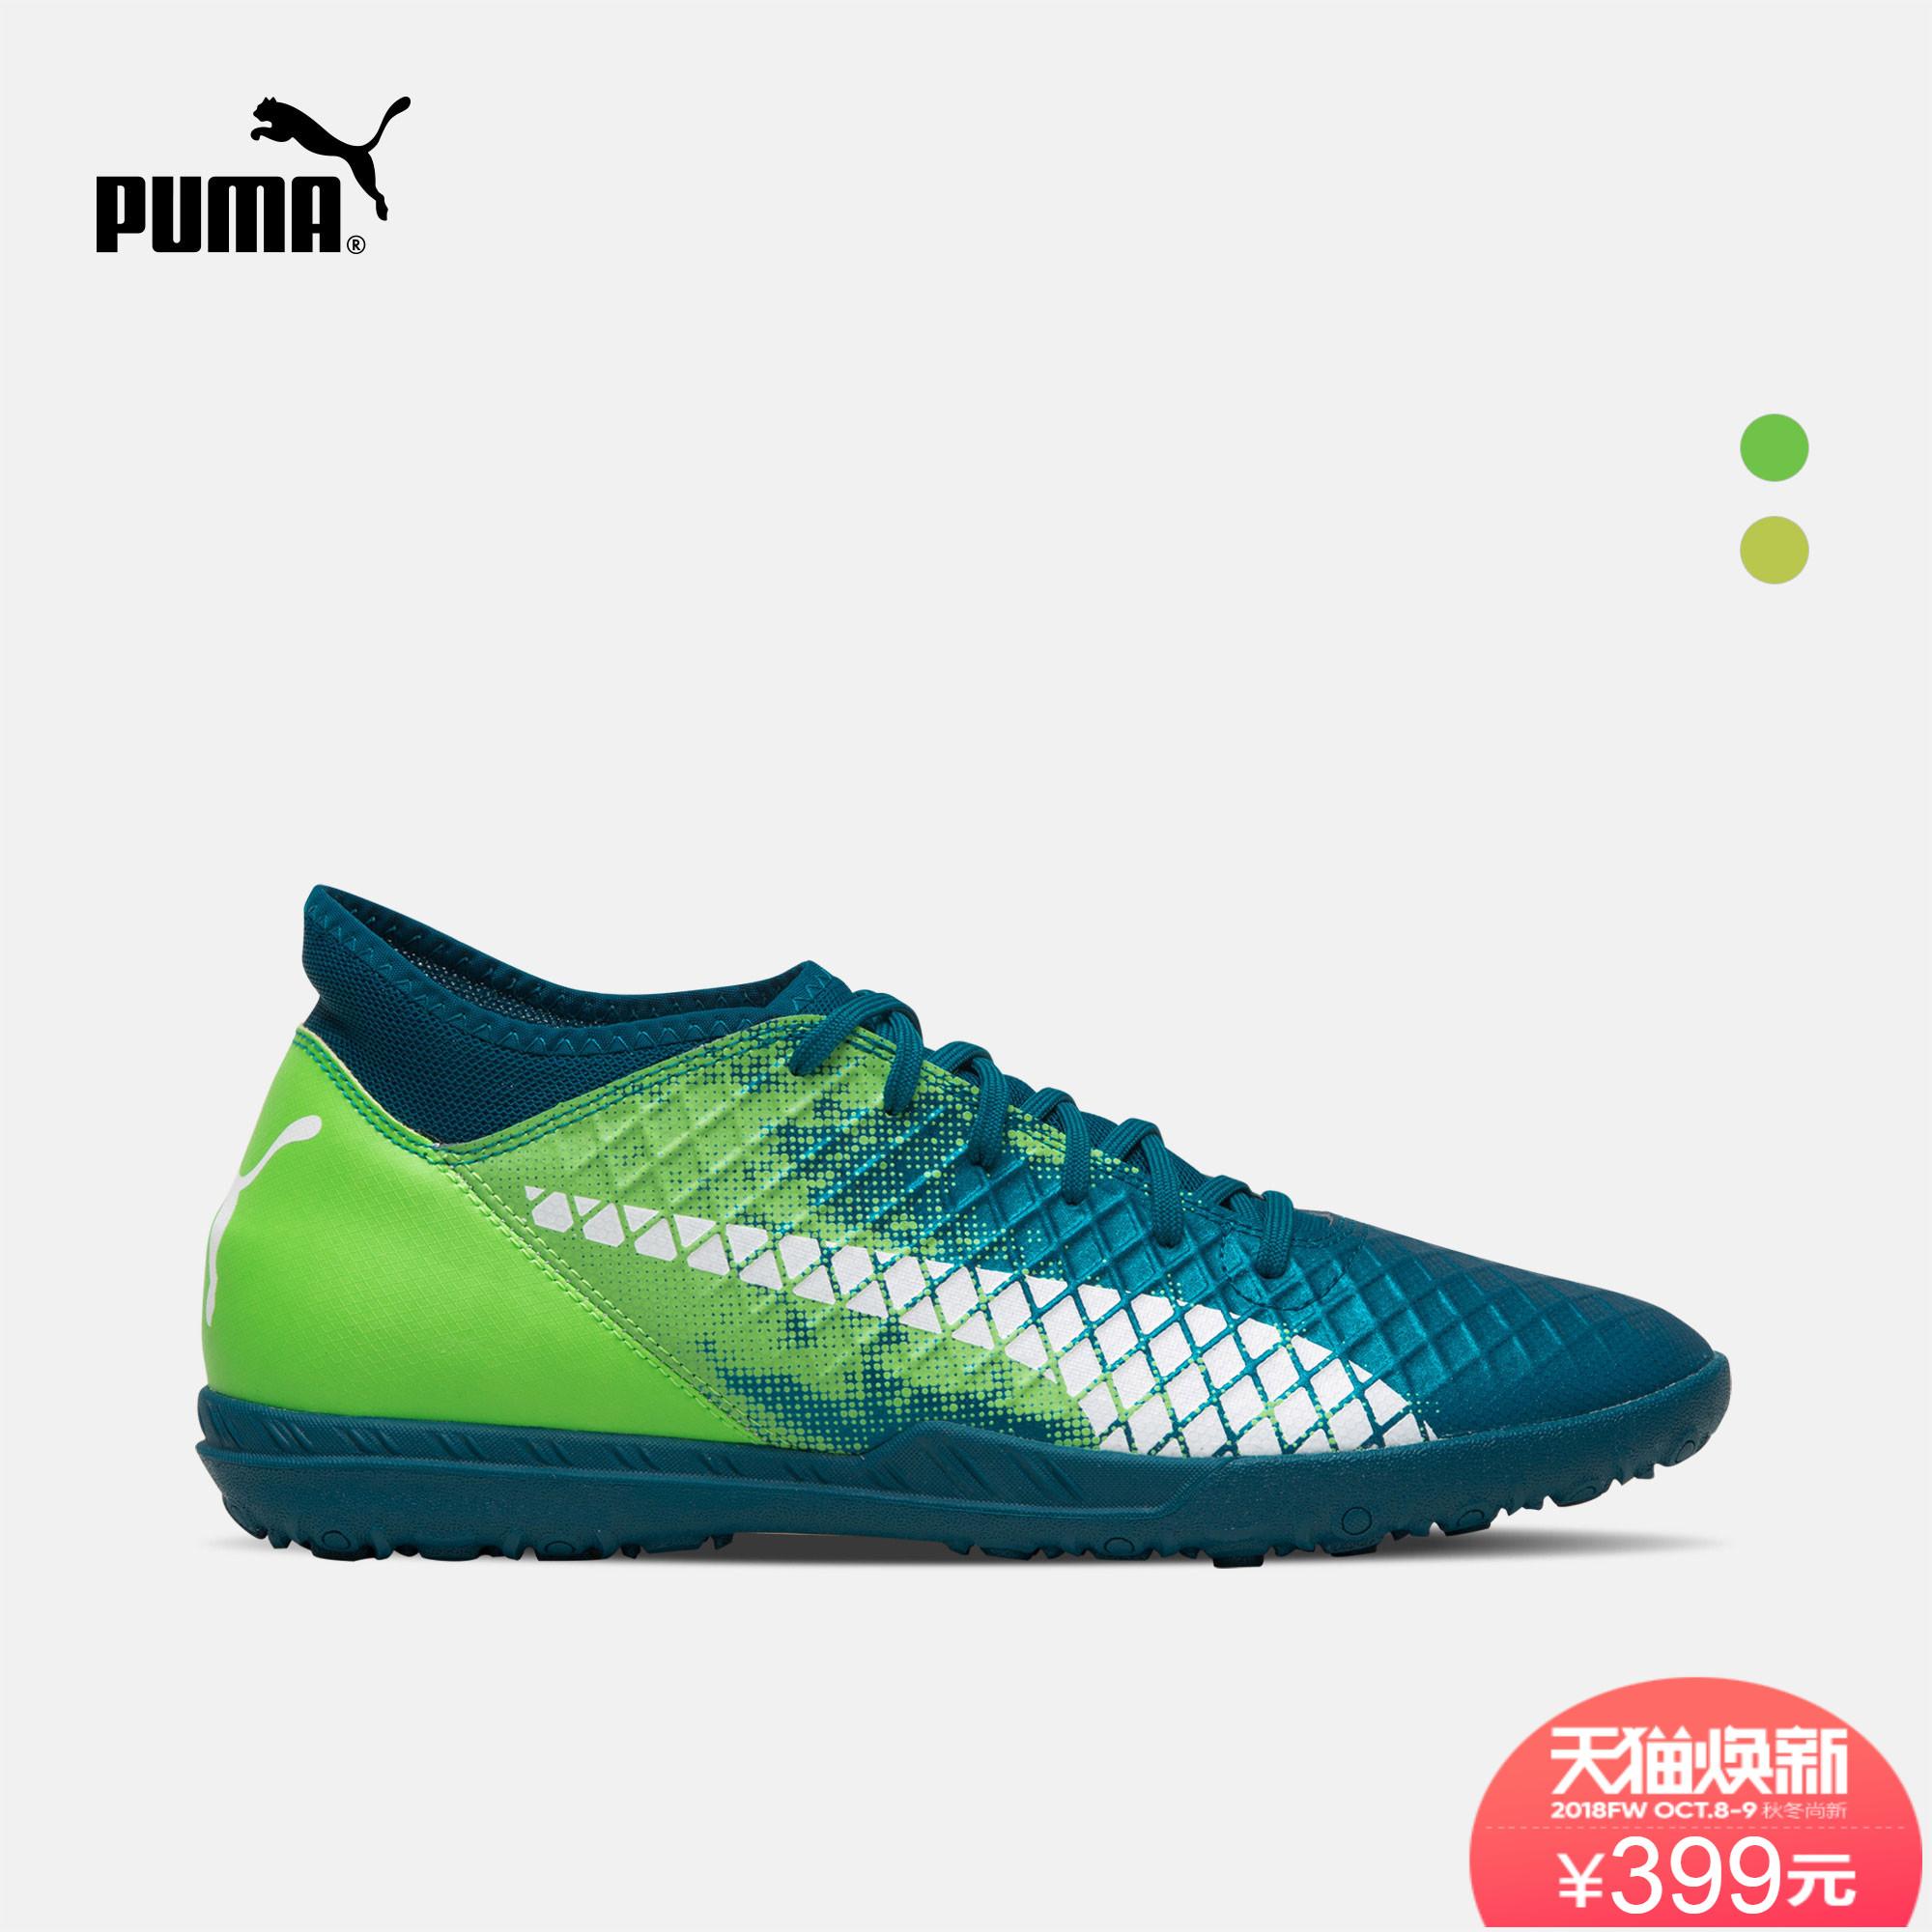 PUMA彪马官方 男子足球鞋 FUTURE 18.4 TT 104339